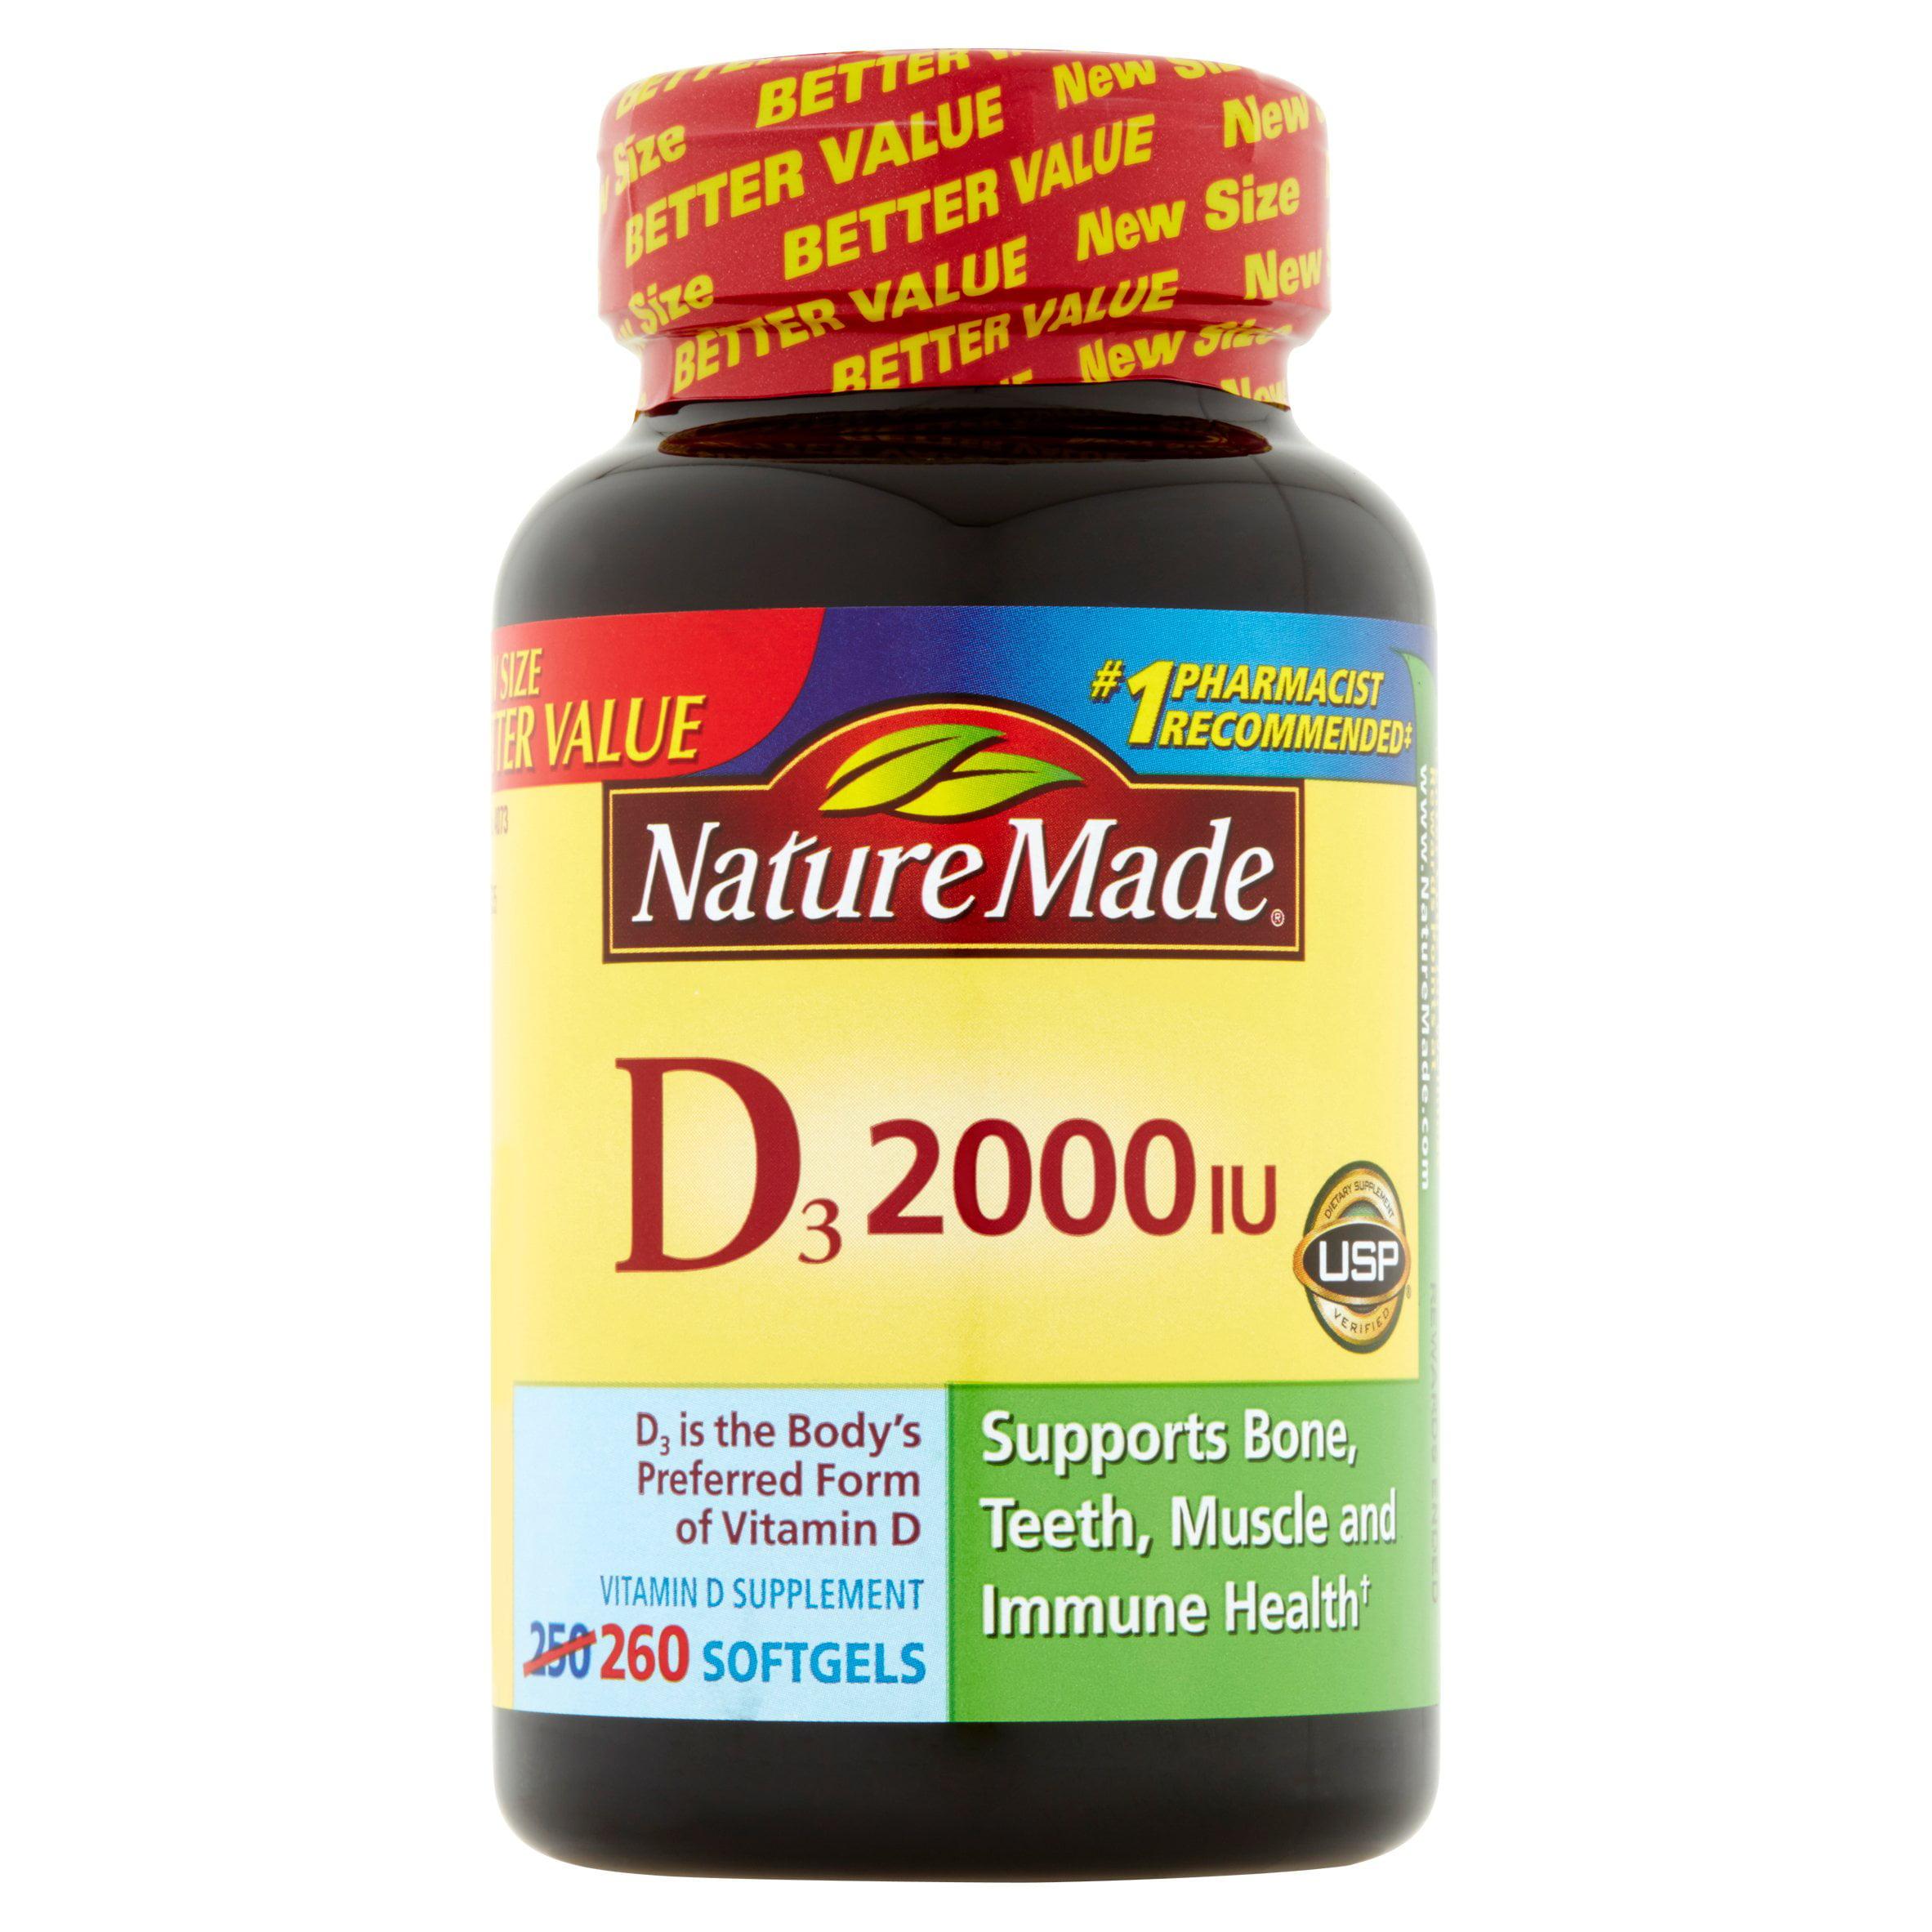 Nature Made D3 Softgels, 2000IU, 260 count